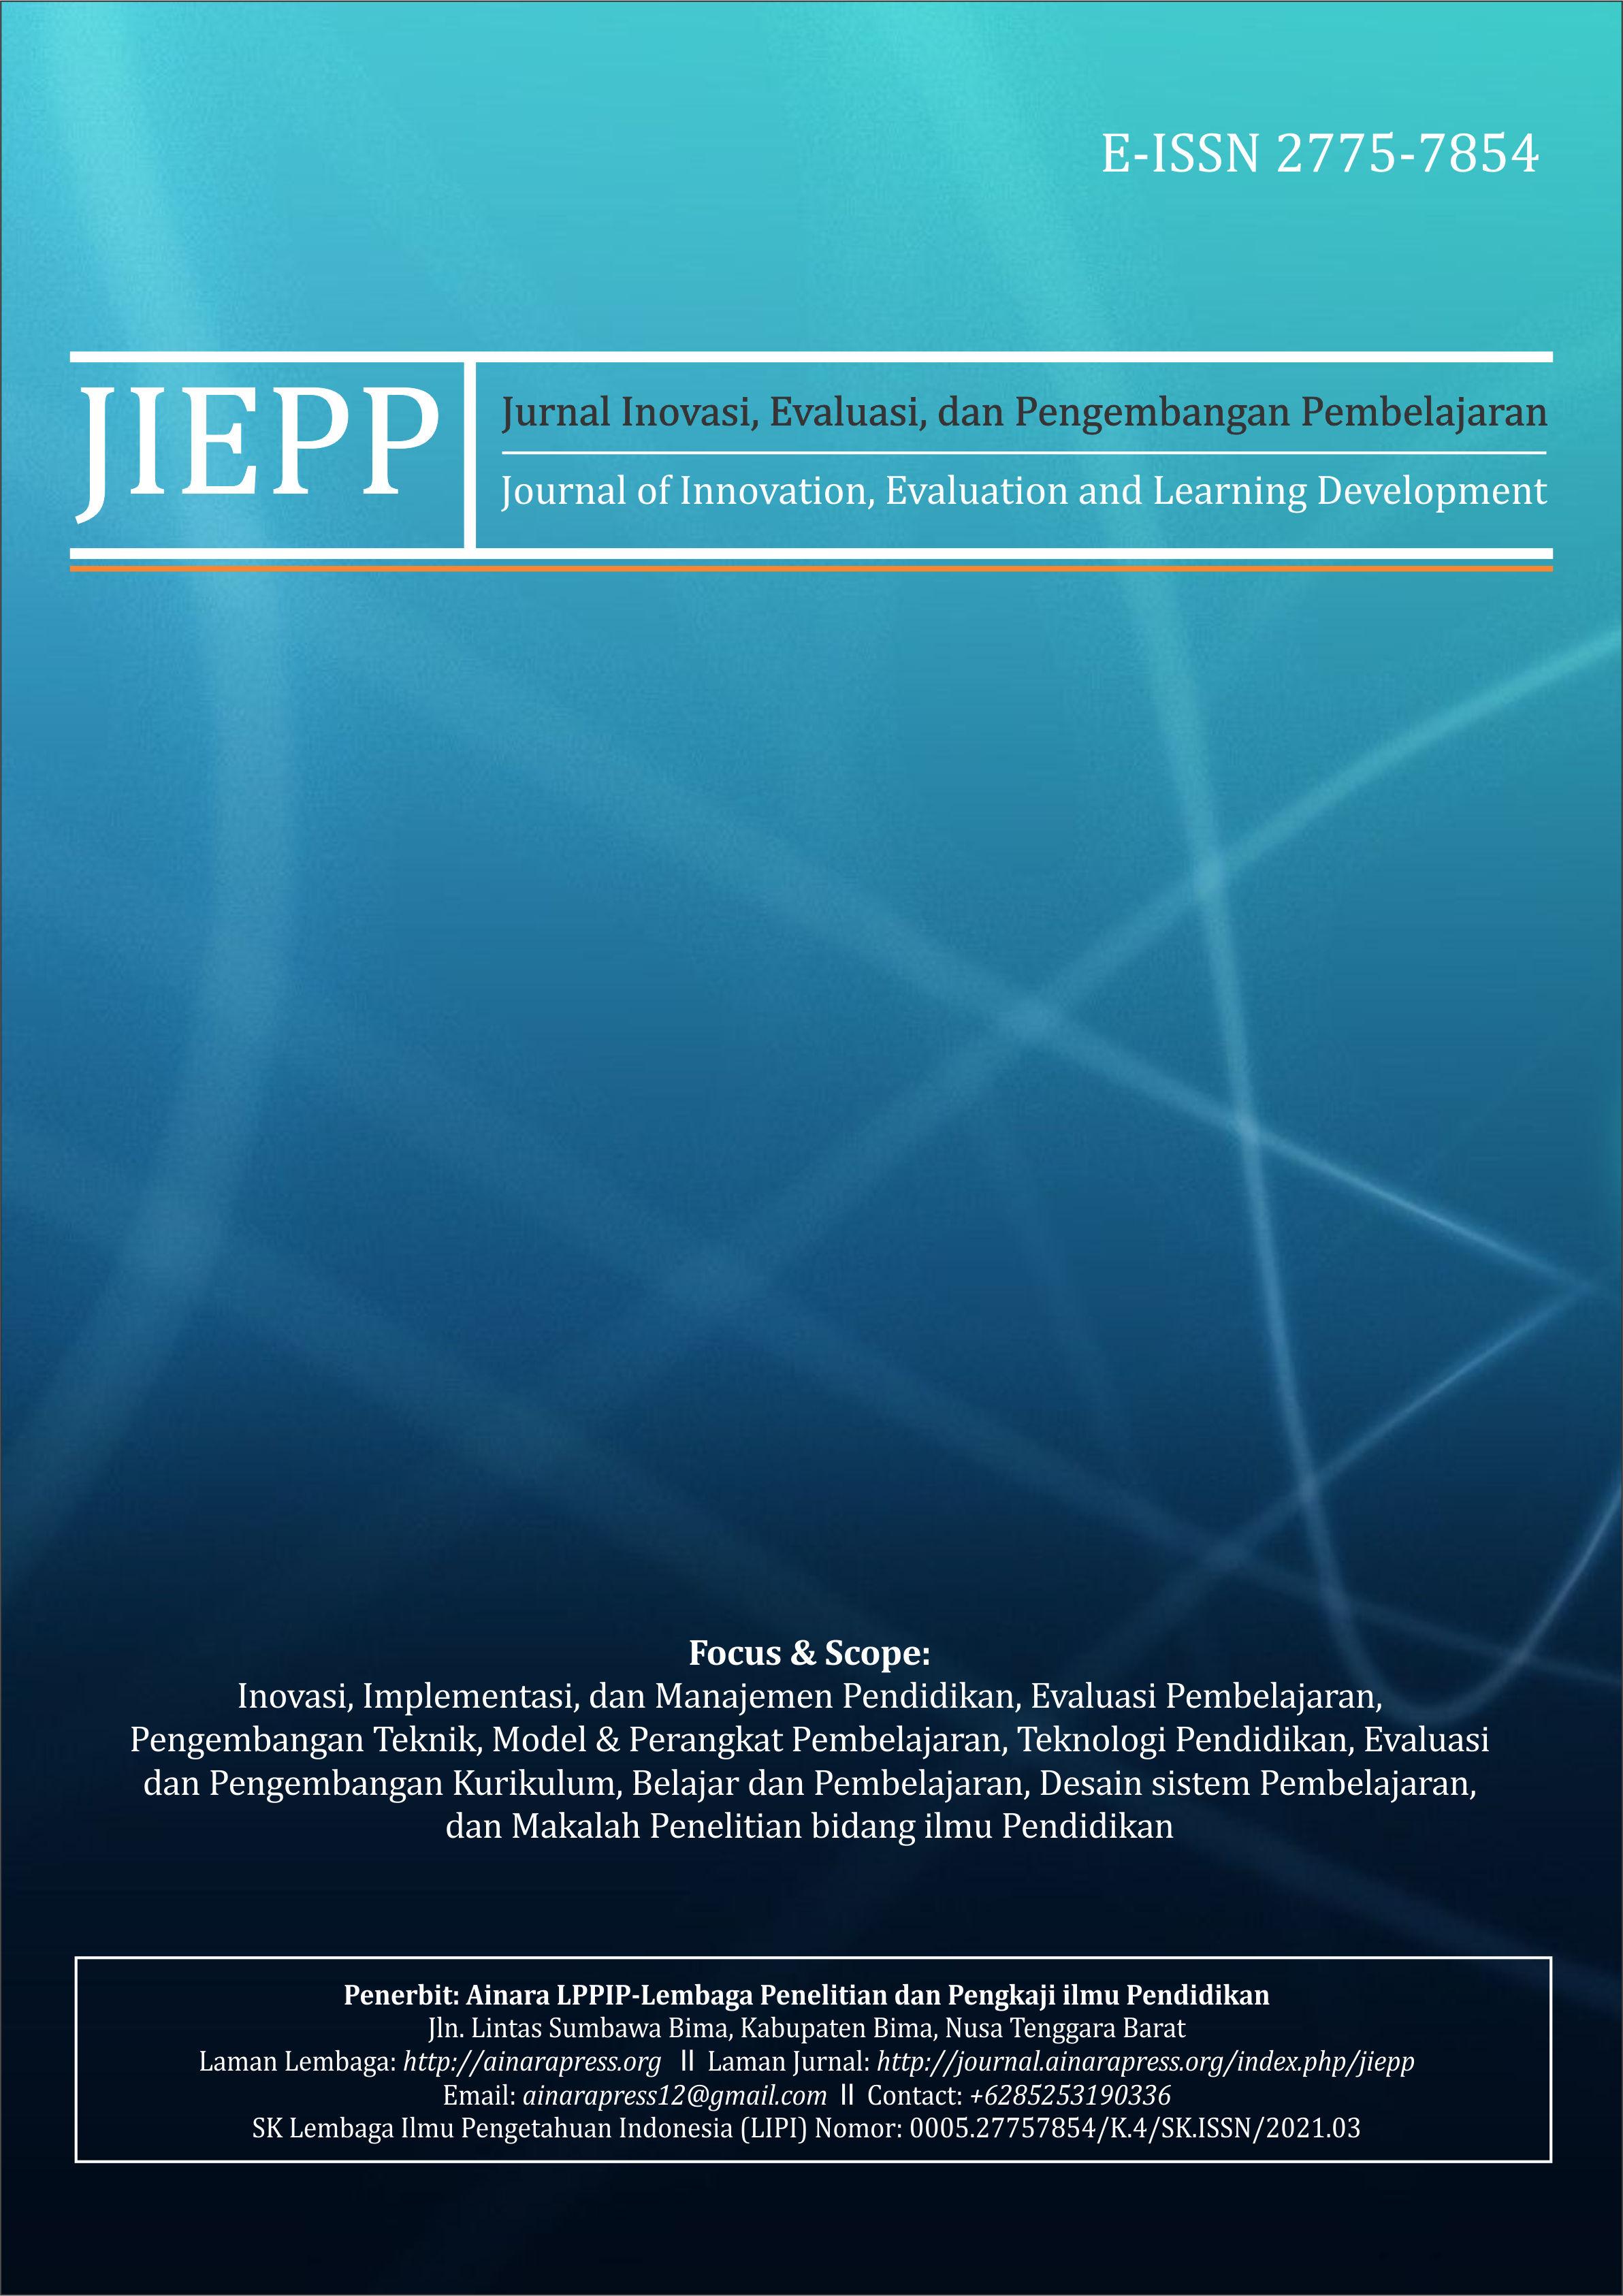 View Vol. 1 No. 1 (2021): Jurnal Inovasi, Evaluasi dan Pengembangan Pembelajaran (JIEPP)